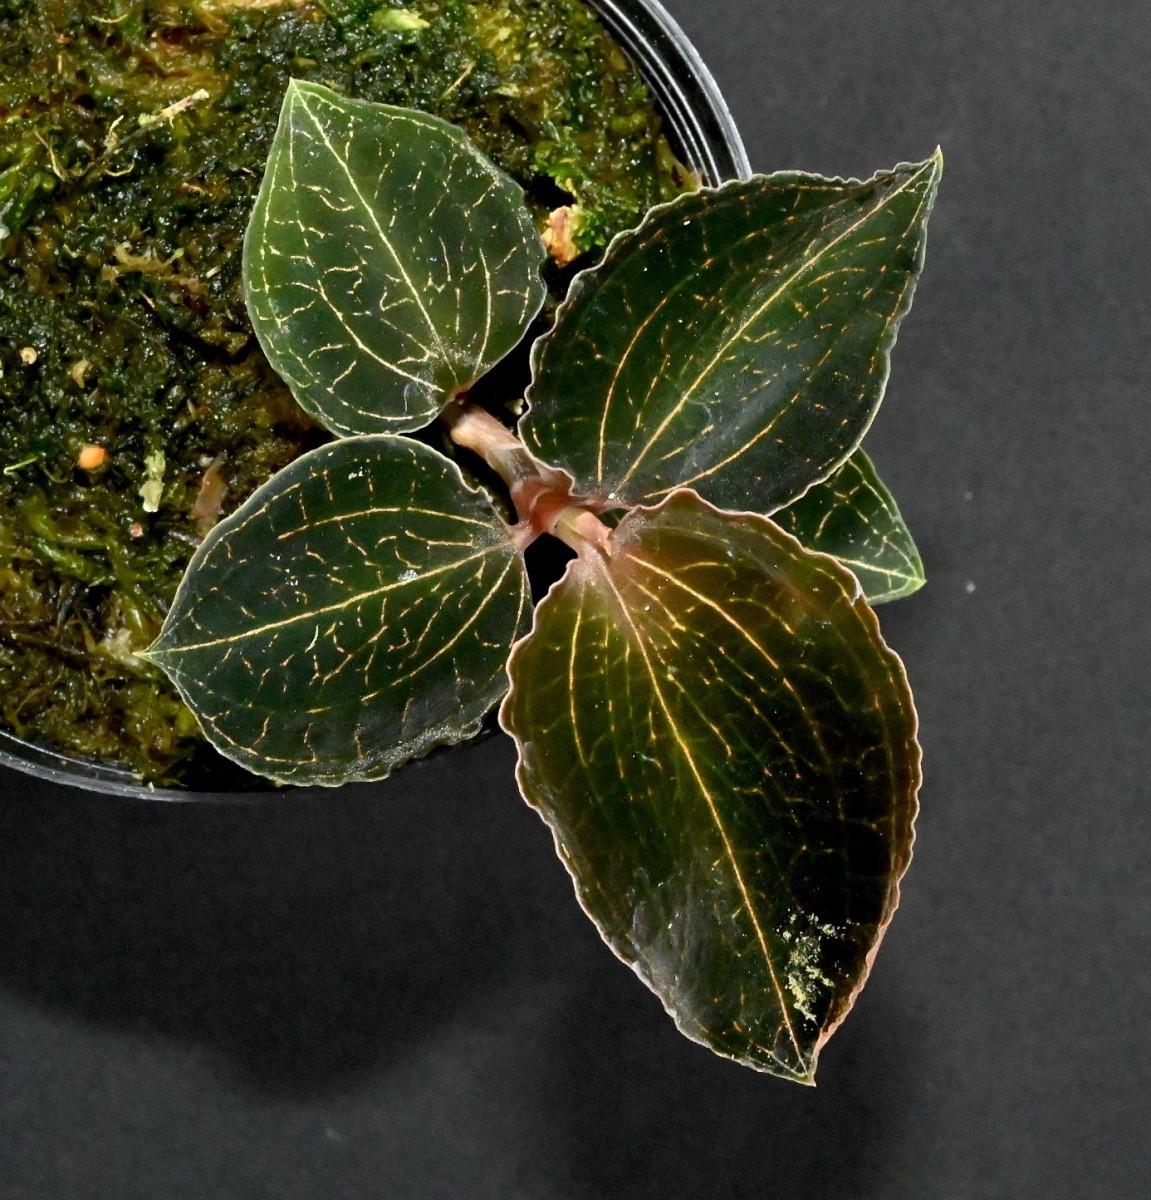 洋蘭原種 (070)ブラックジュエルオーキッド Anoectochilus roxburghii アネクトキラス ロクスバーギー